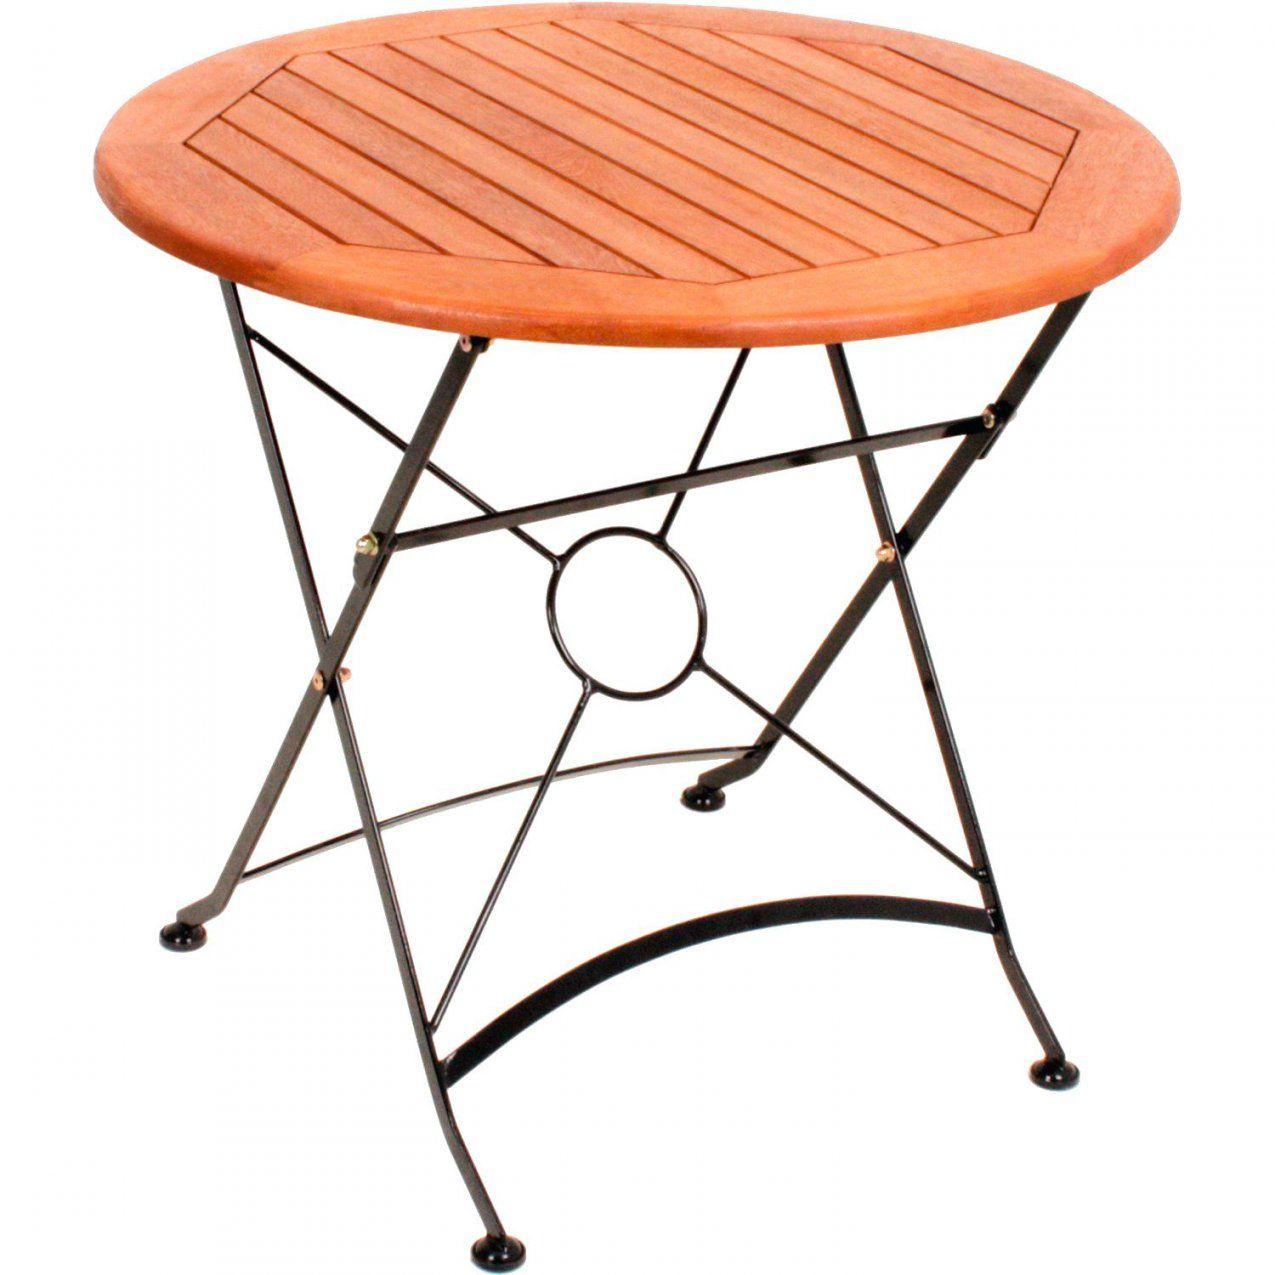 Gartentisch Rund Metall 120 Cm Grun 80 Gebraucht – Hireapatriot von Gartentisch Rund 120 Cm Metall Photo